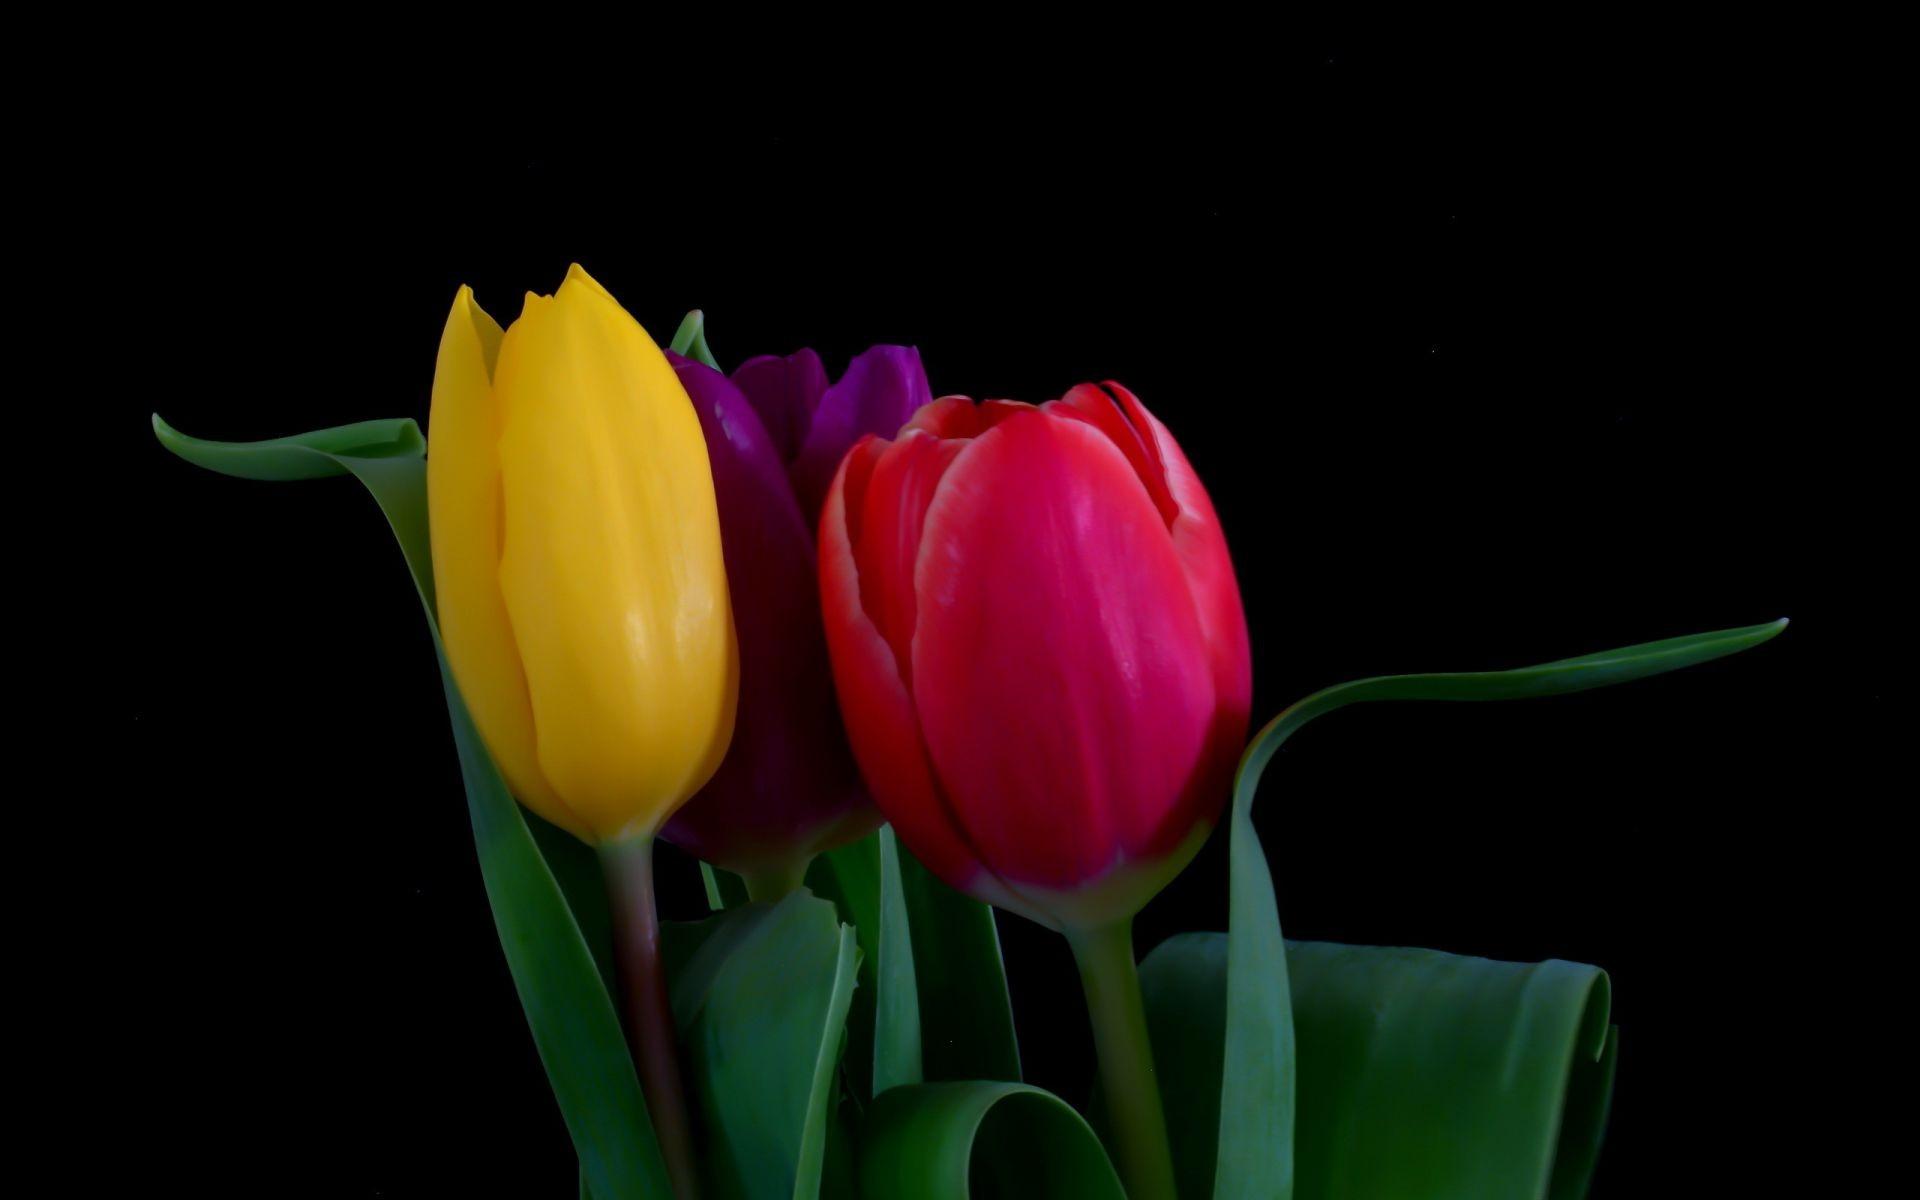 этой подборке фото цветов на черном фоне высокого качества заповедника